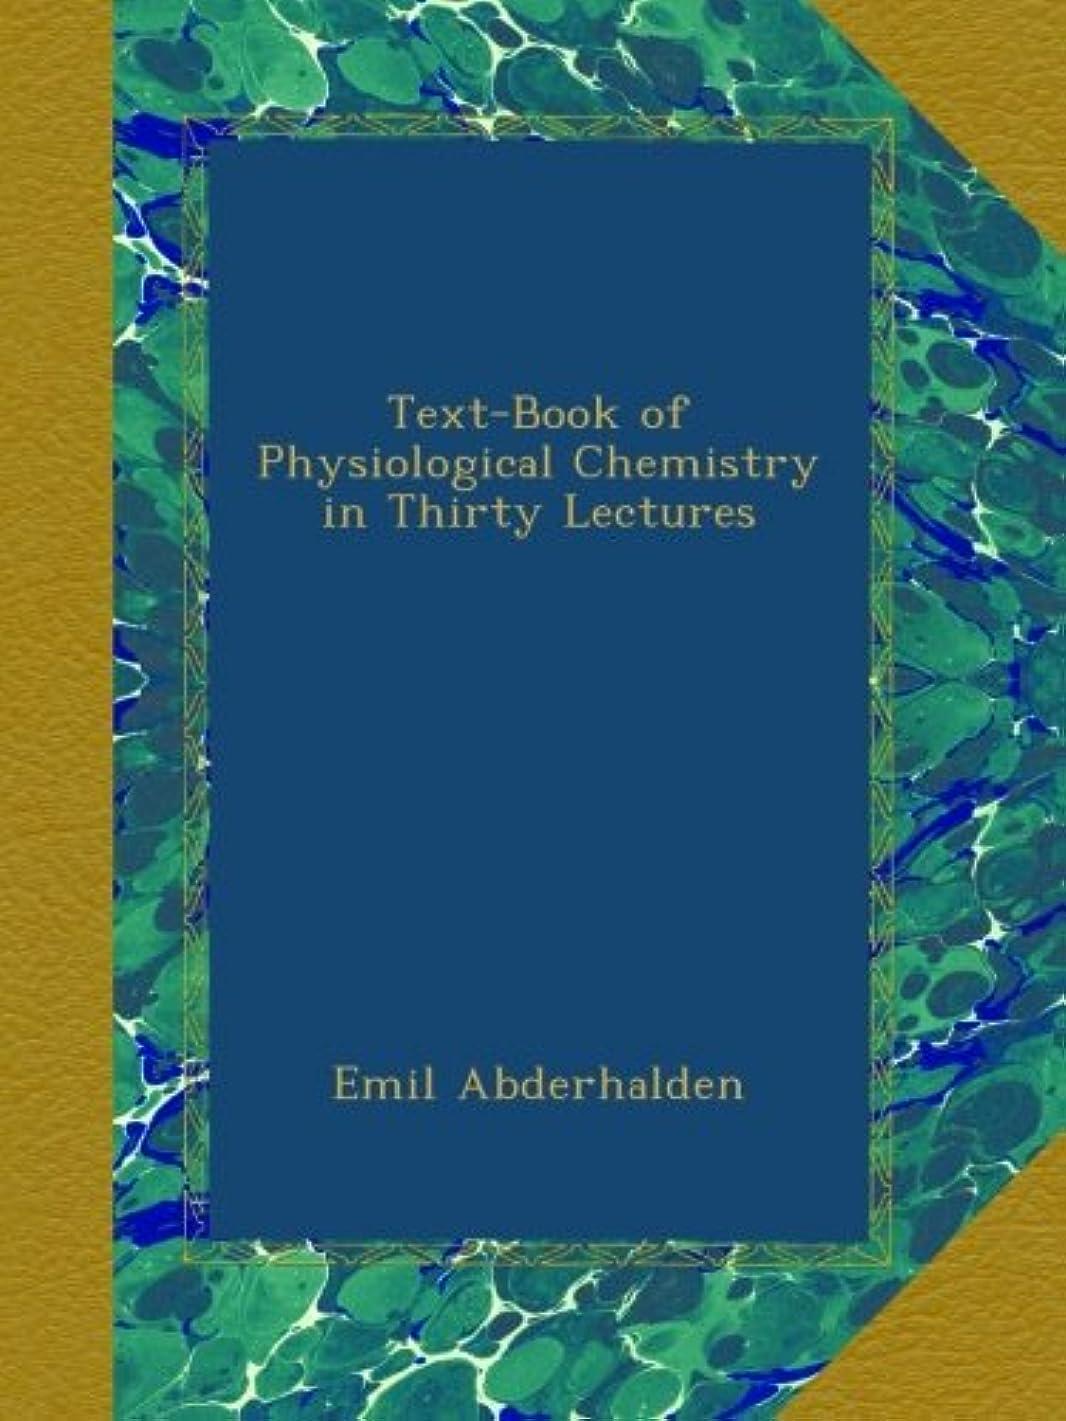 補う風変わりな交流するText-Book of Physiological Chemistry in Thirty Lectures